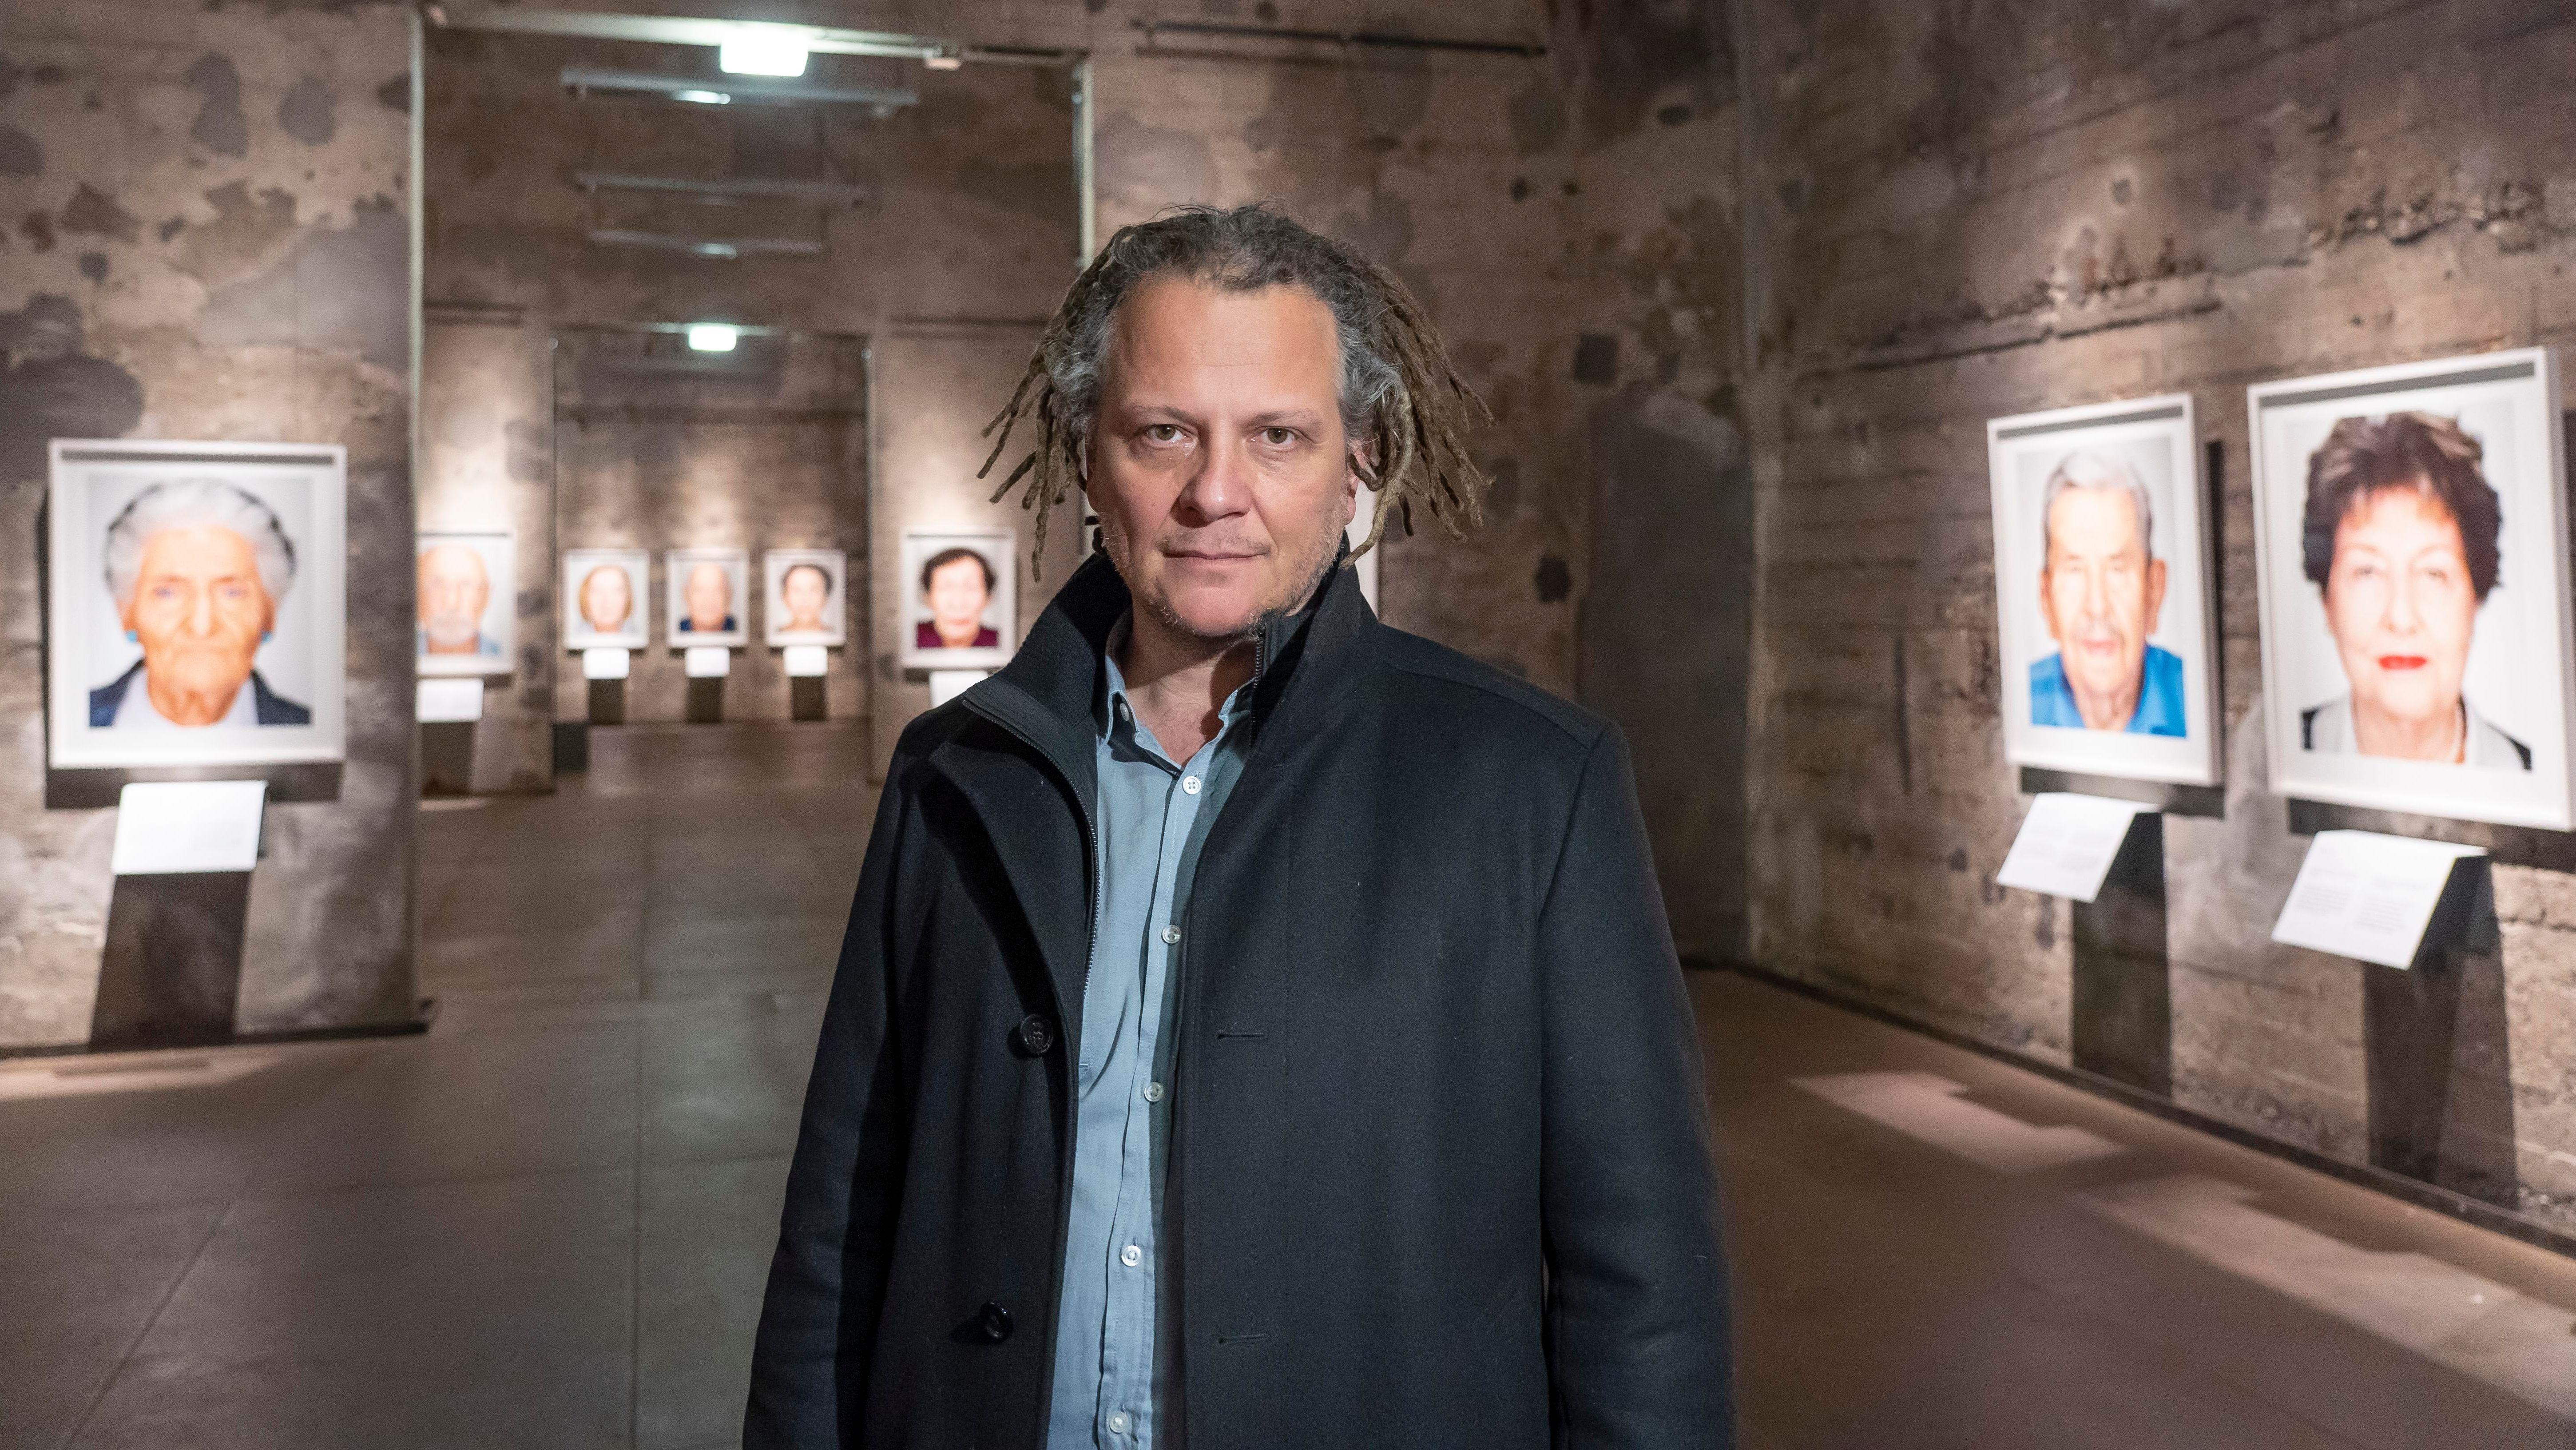 Fotograf Martin Schoeller steht vor den bewusst fleckigen Betonwänden der Essener Ausstellung, seine kinnlangen grauen Haare sind zu Dreadlocks gedreht